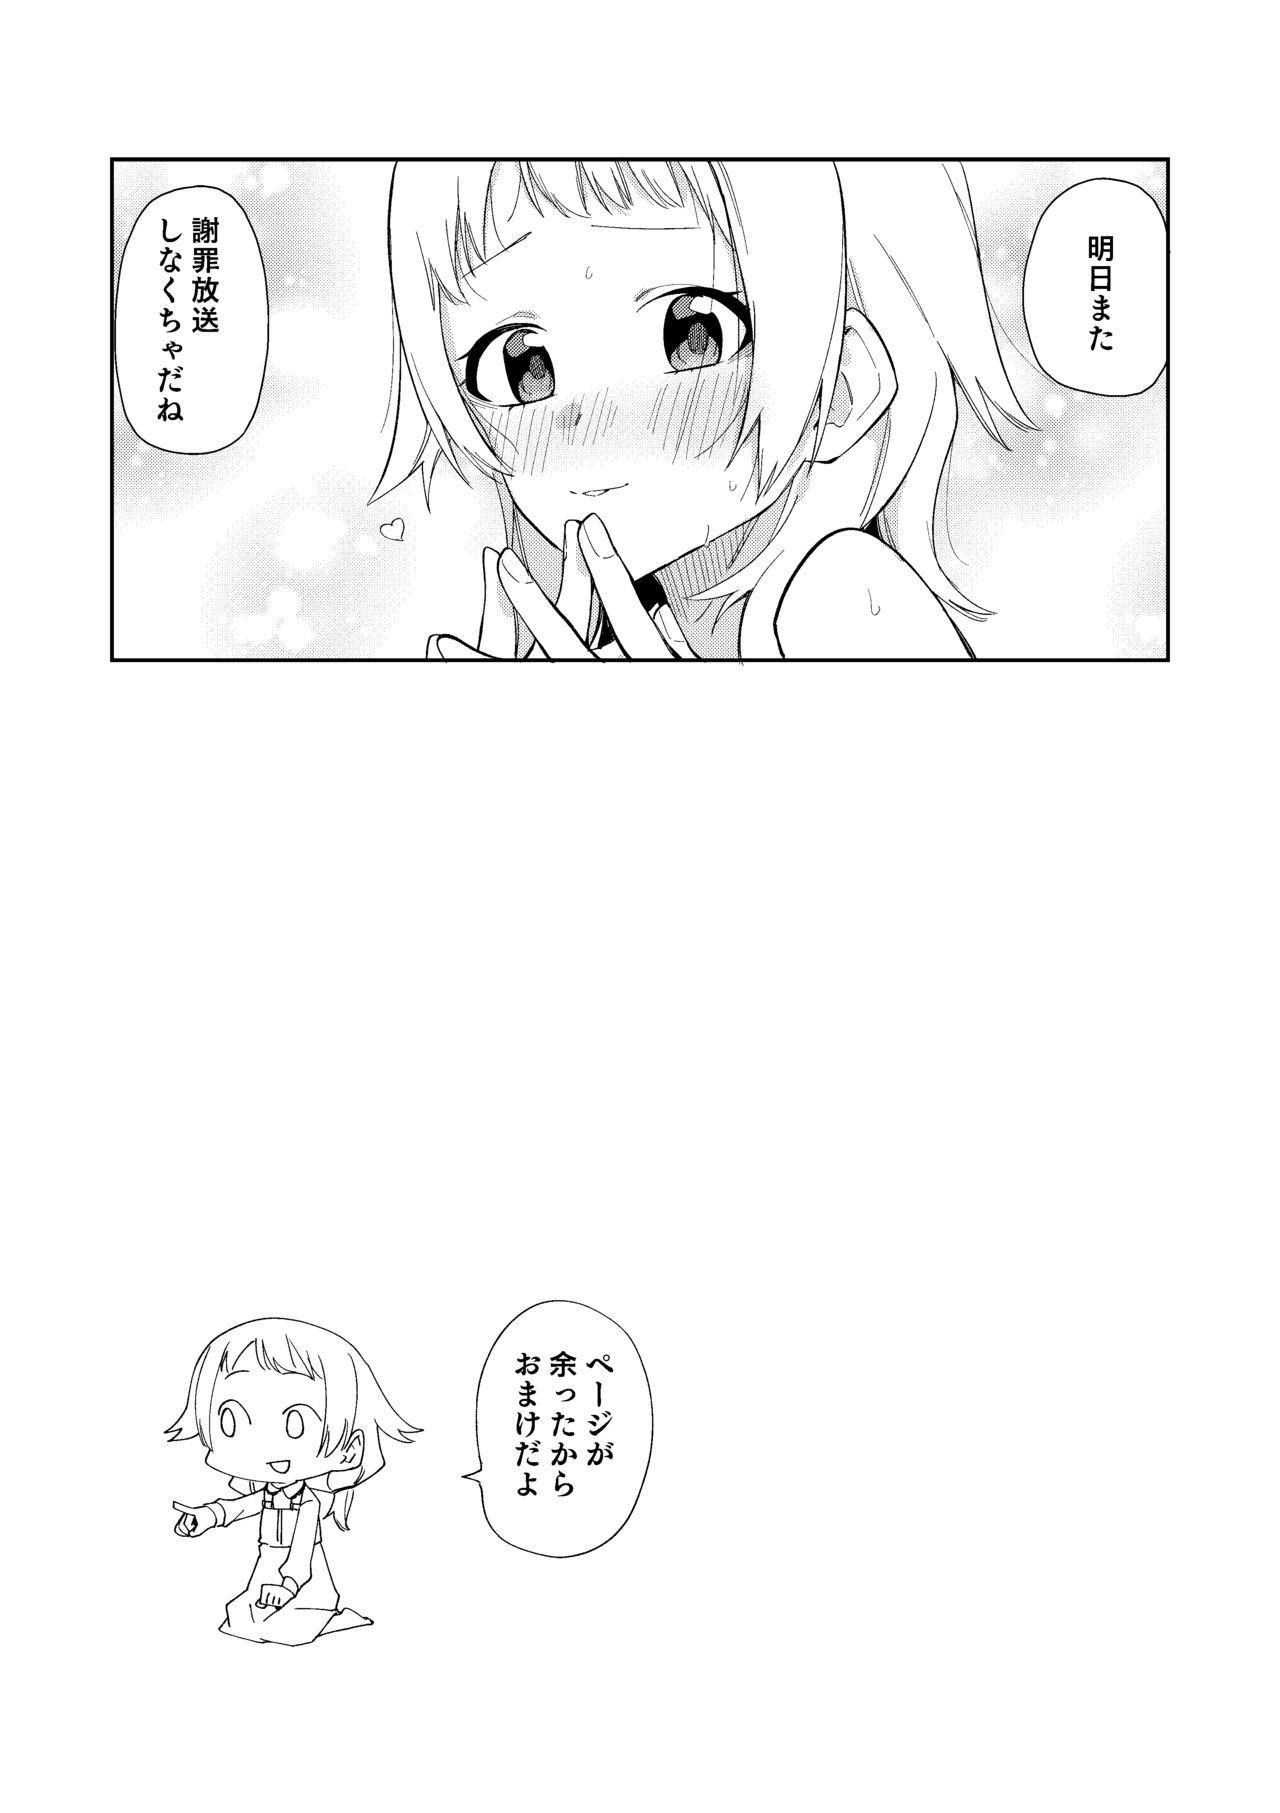 Rinjin wa Yuumei Haishinsha 28